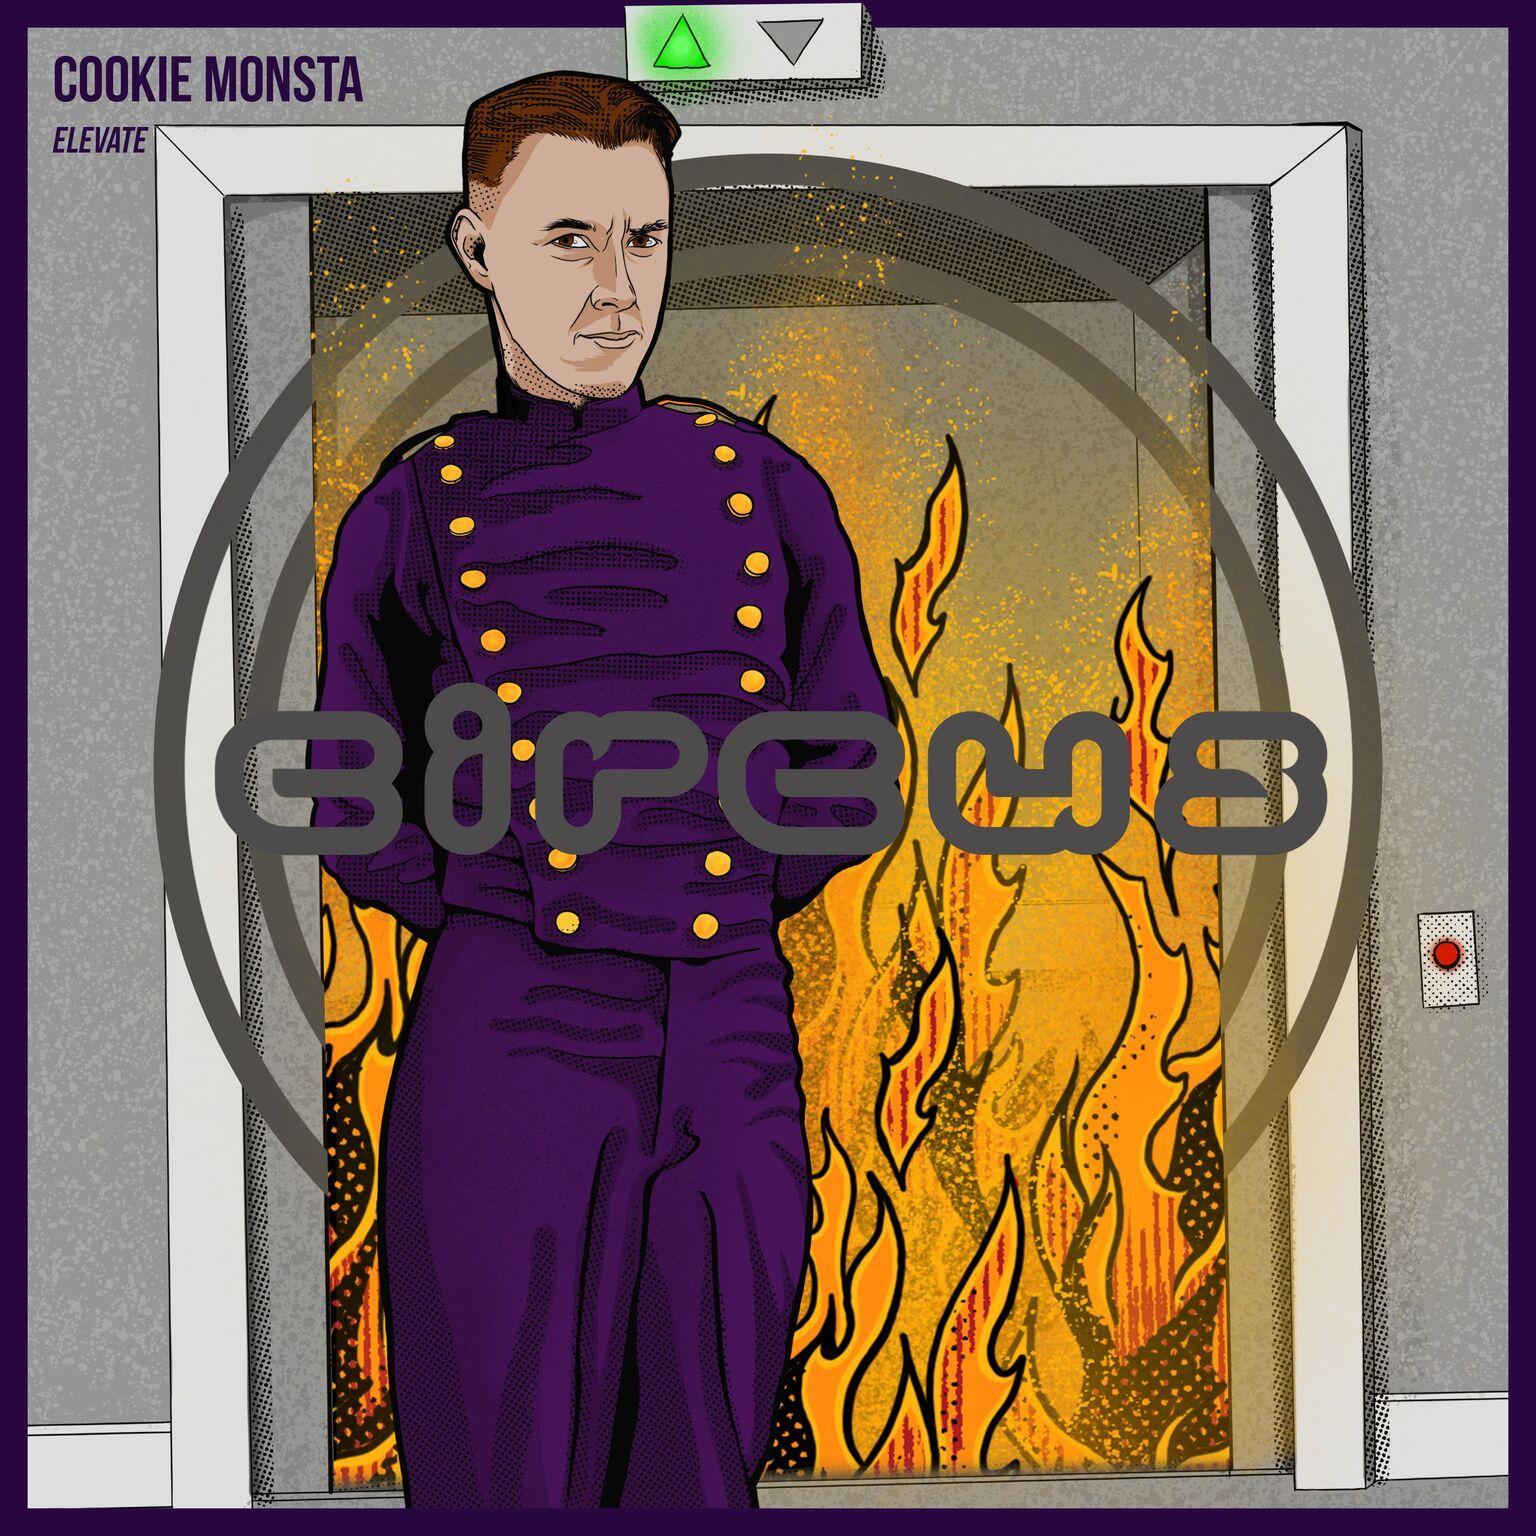 Cookie Monsta Releases New Circus Records Single 'Elevate' ile ilgili görsel sonucu